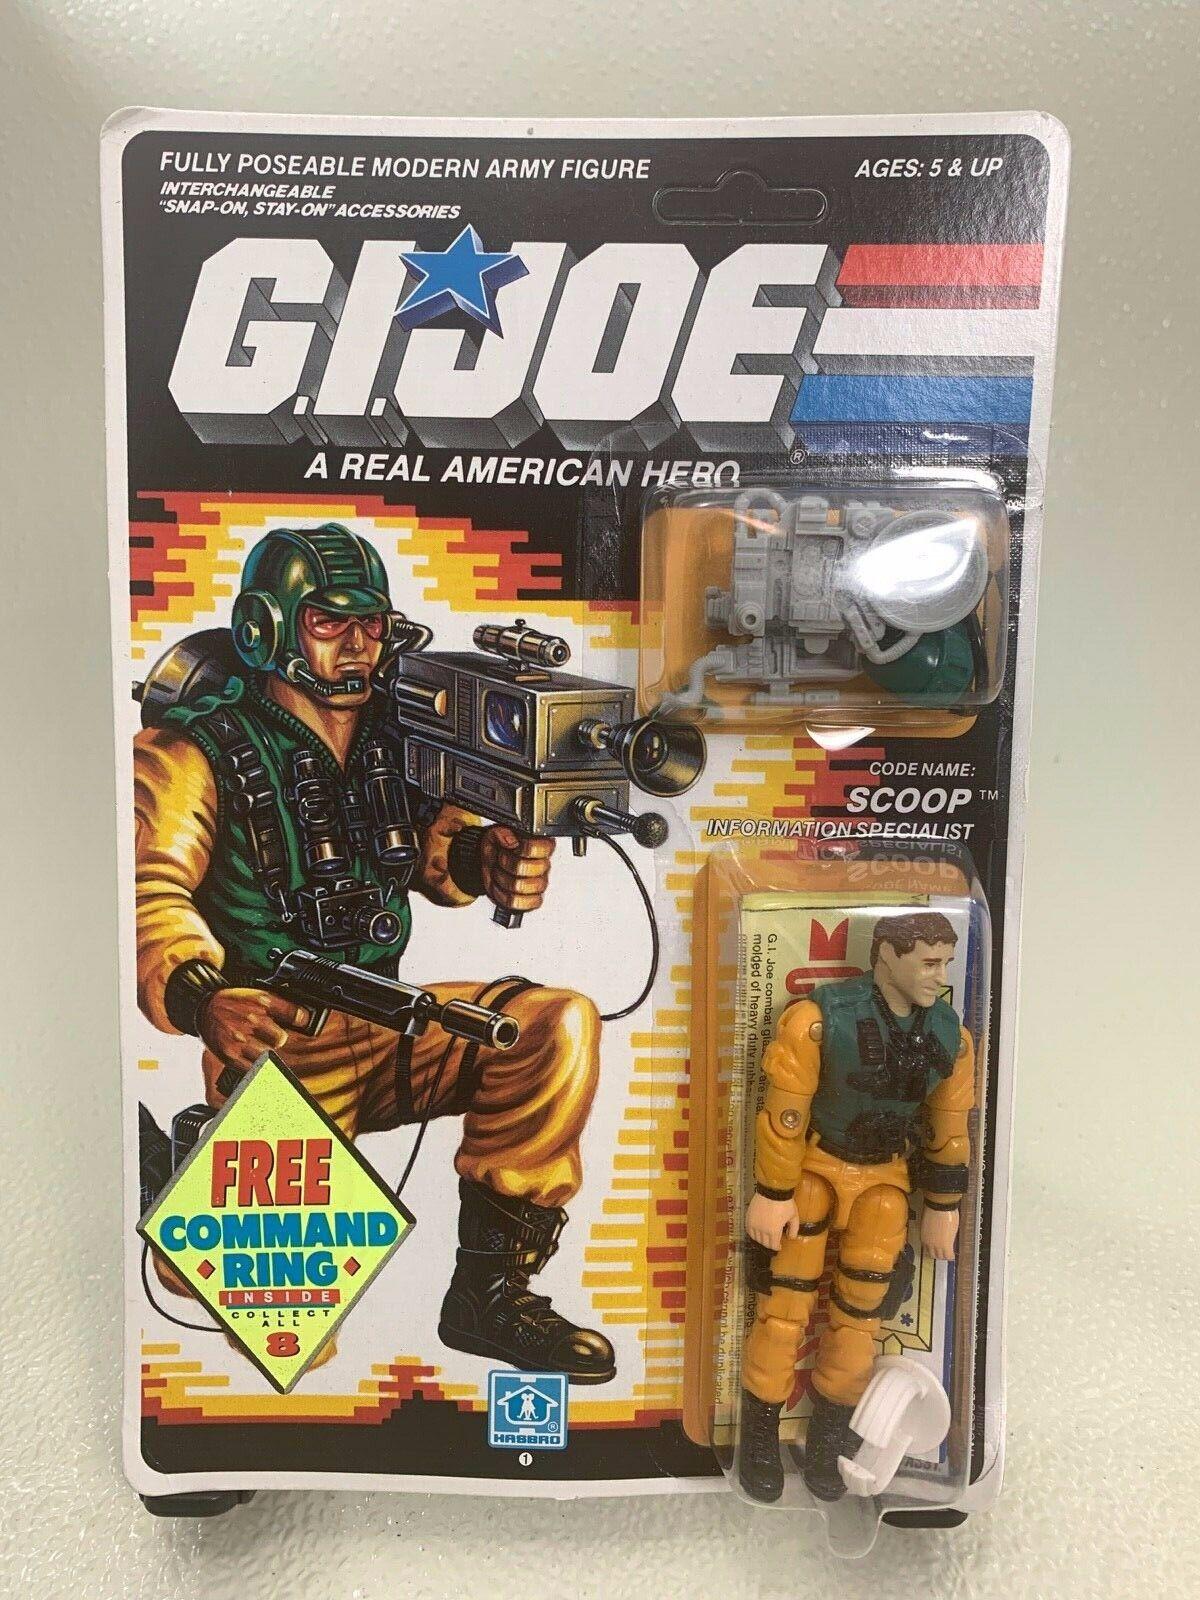 Cuchara ENLOMADOR Gi Joe Figura De Acción 1989 si usar En Blister Hasbro seperti con anillo de comando